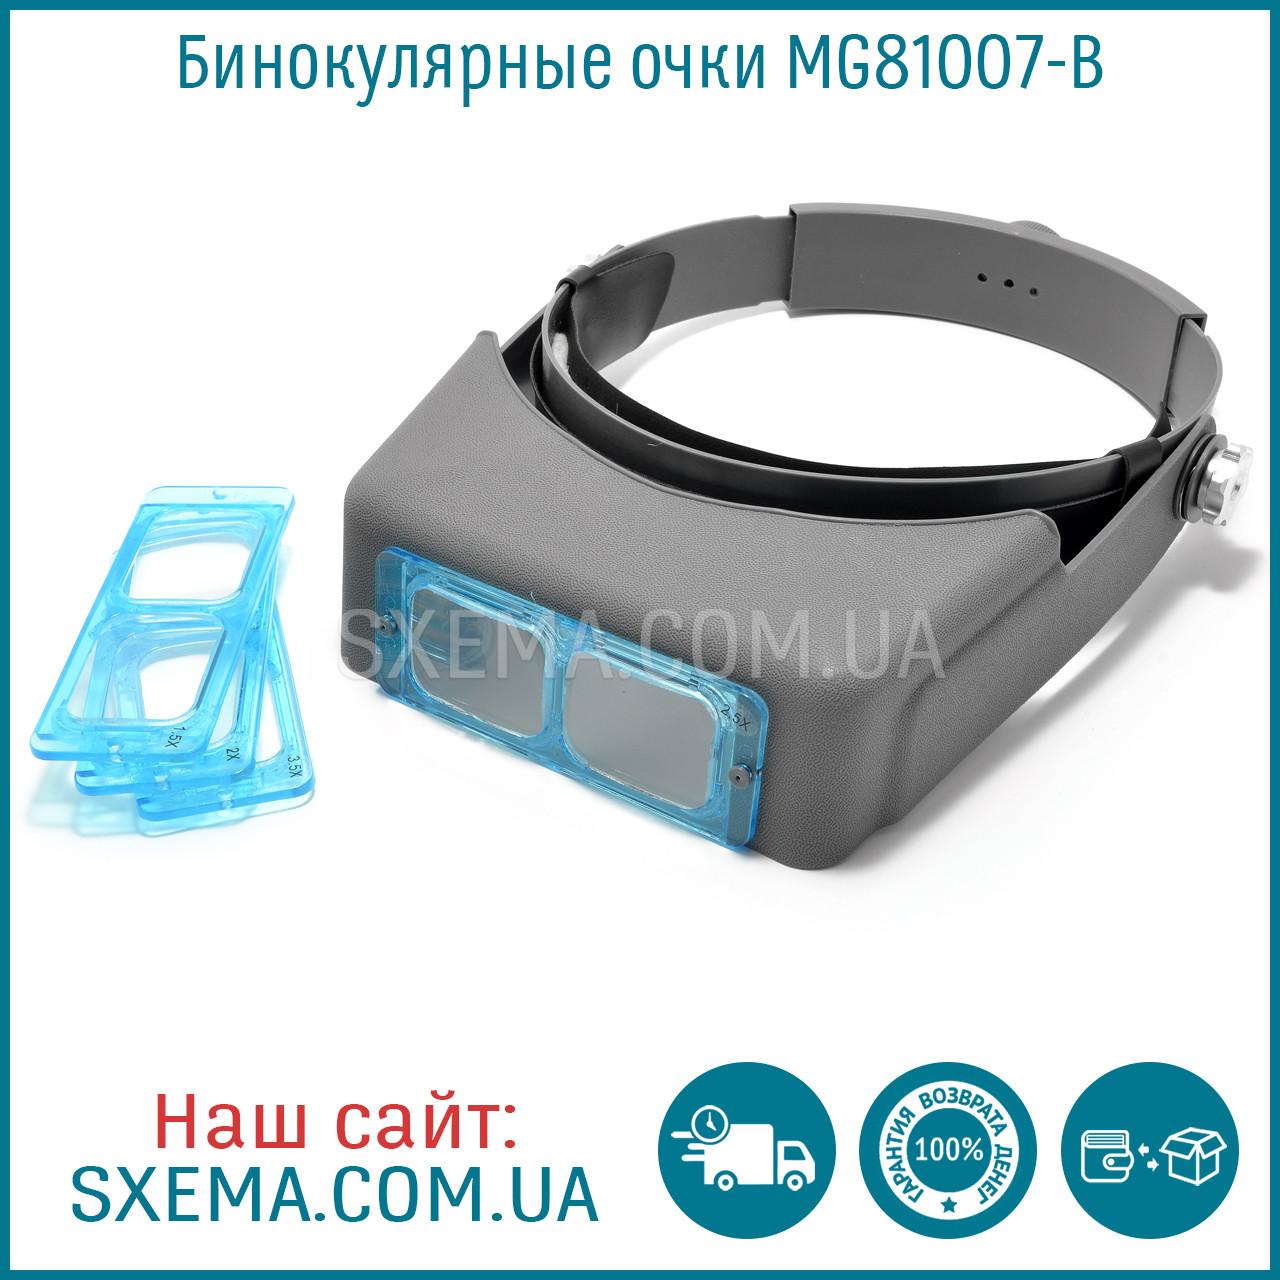 Лупа бинокулярная MG81007-В линзы стекло 1,5Х 2Х 2,5Х 3,5Х, фото 1